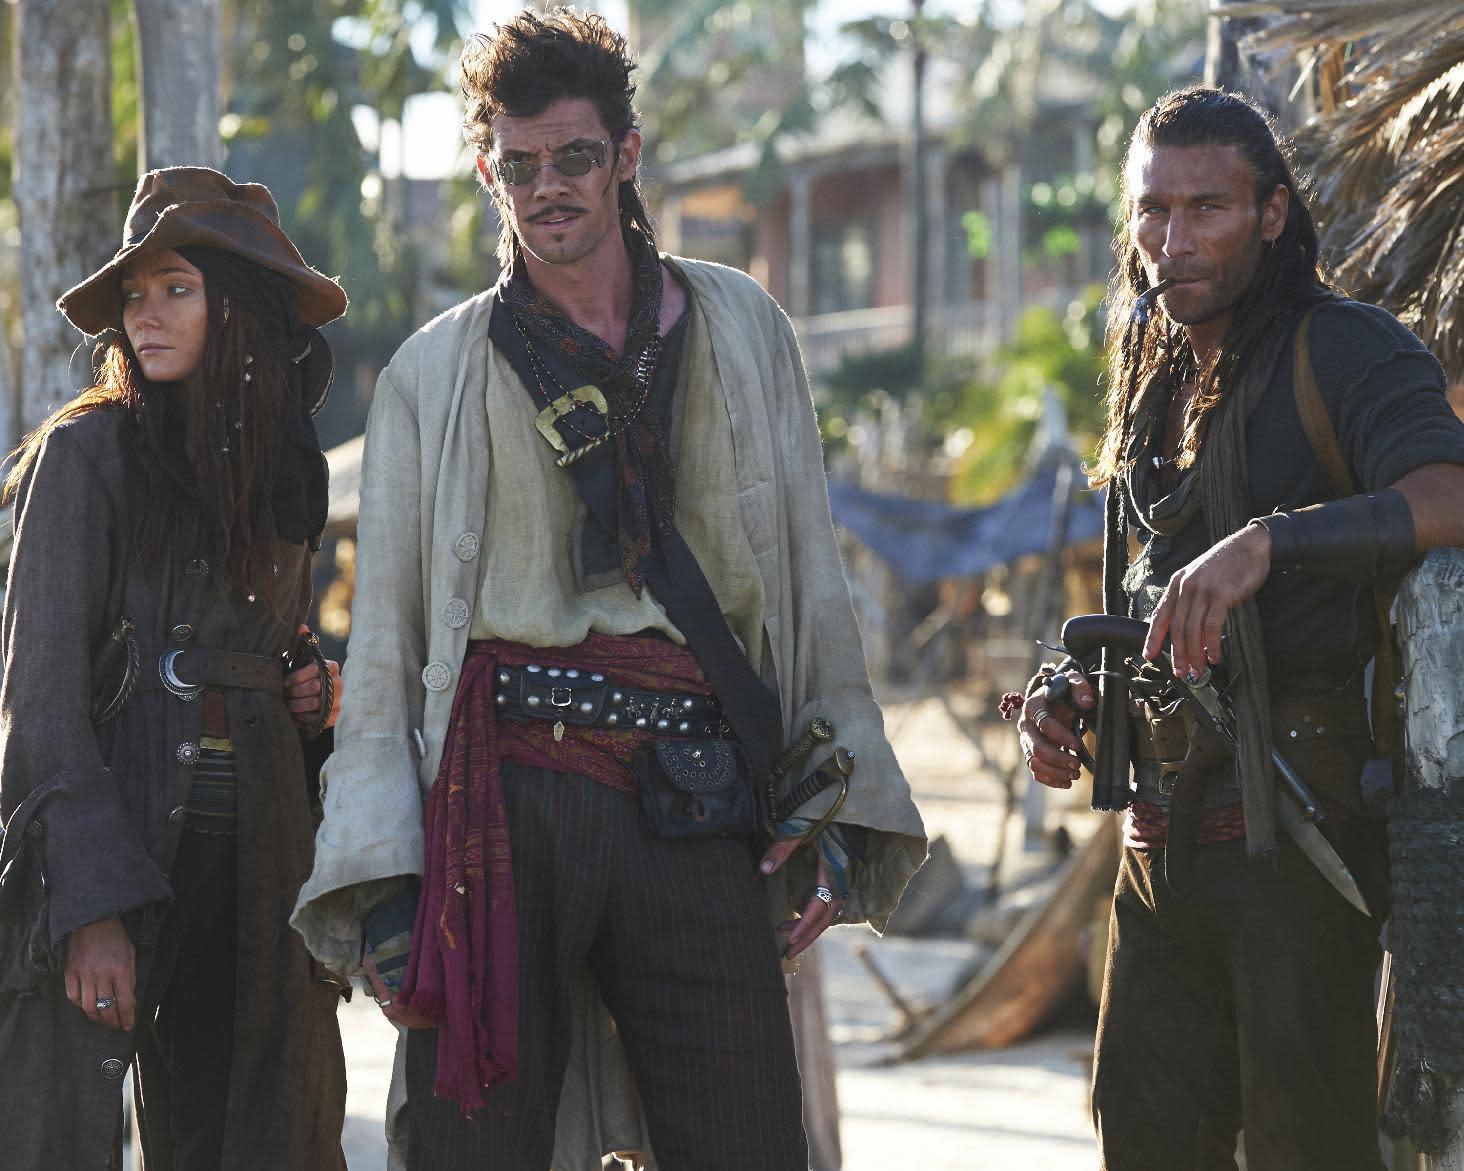 pirate drama 'black sails' launches at comic-con